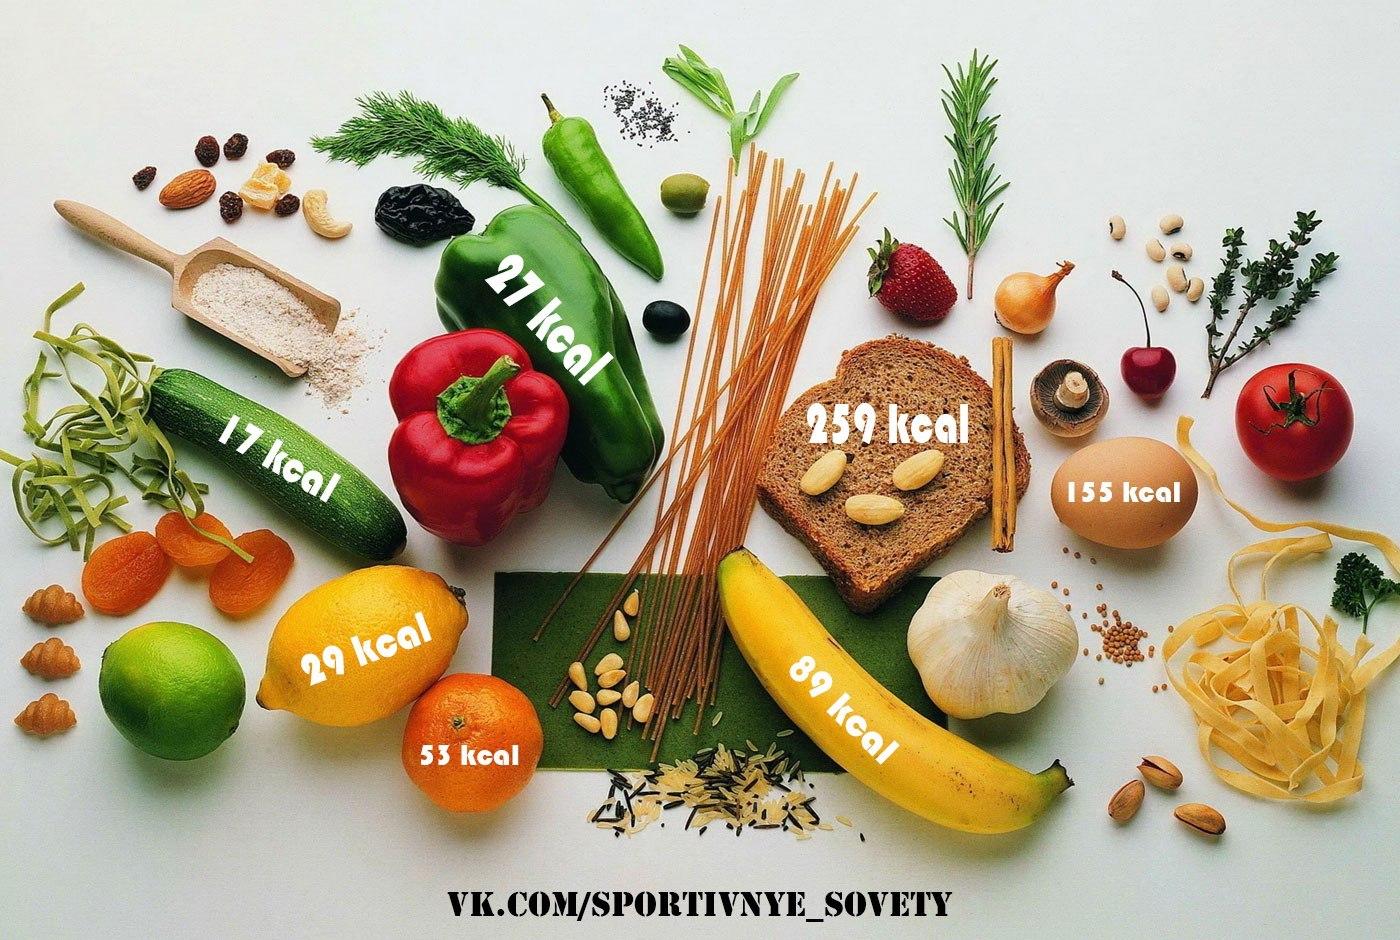 на сколько худеют на диете день есть а день не есть